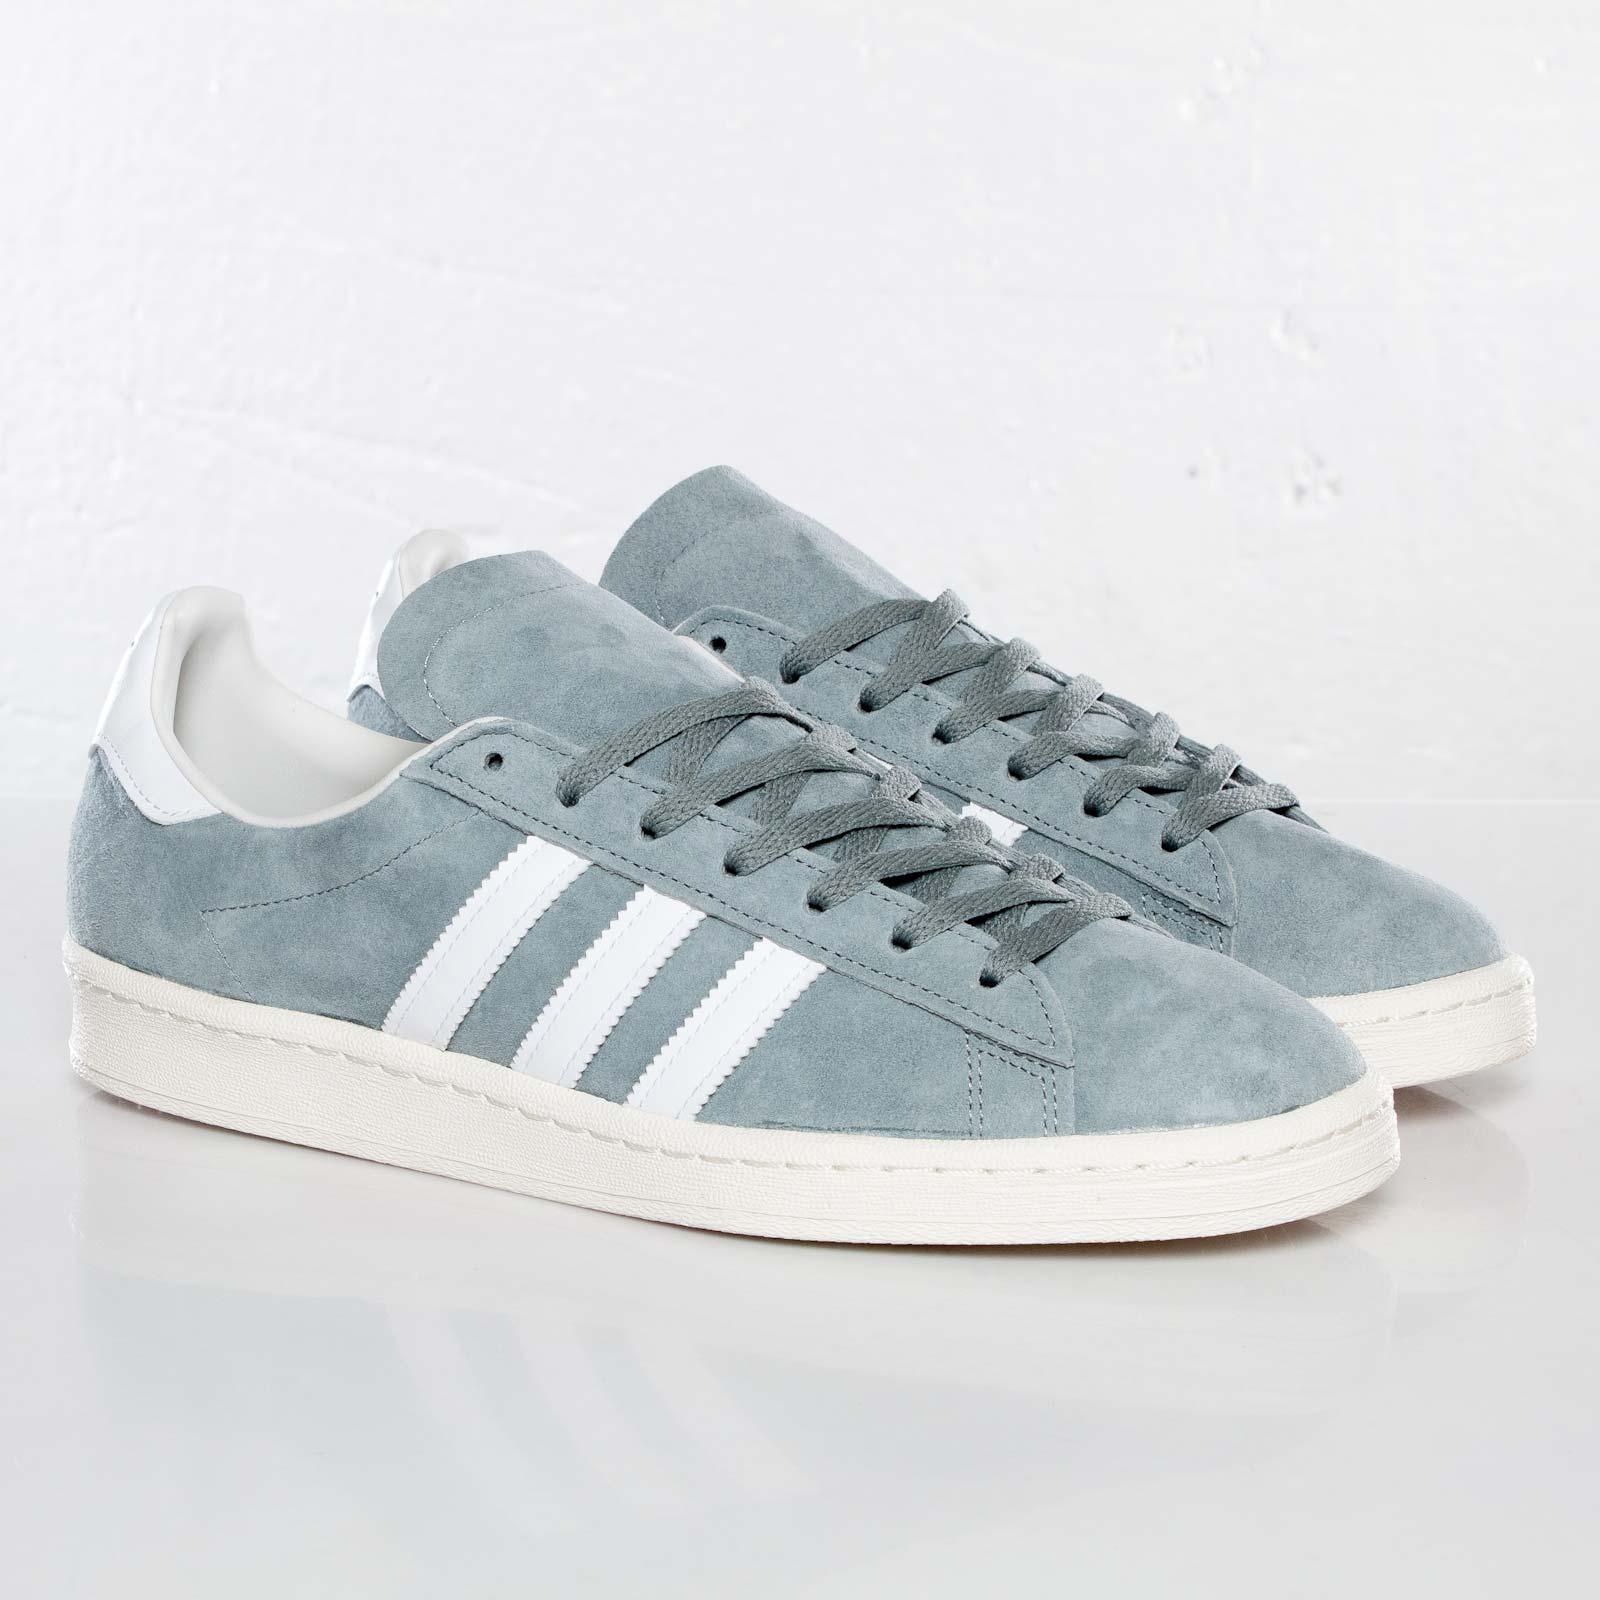 Adidas Campus 80 g96468 sneakersnstuff zapatilla & Streetwear